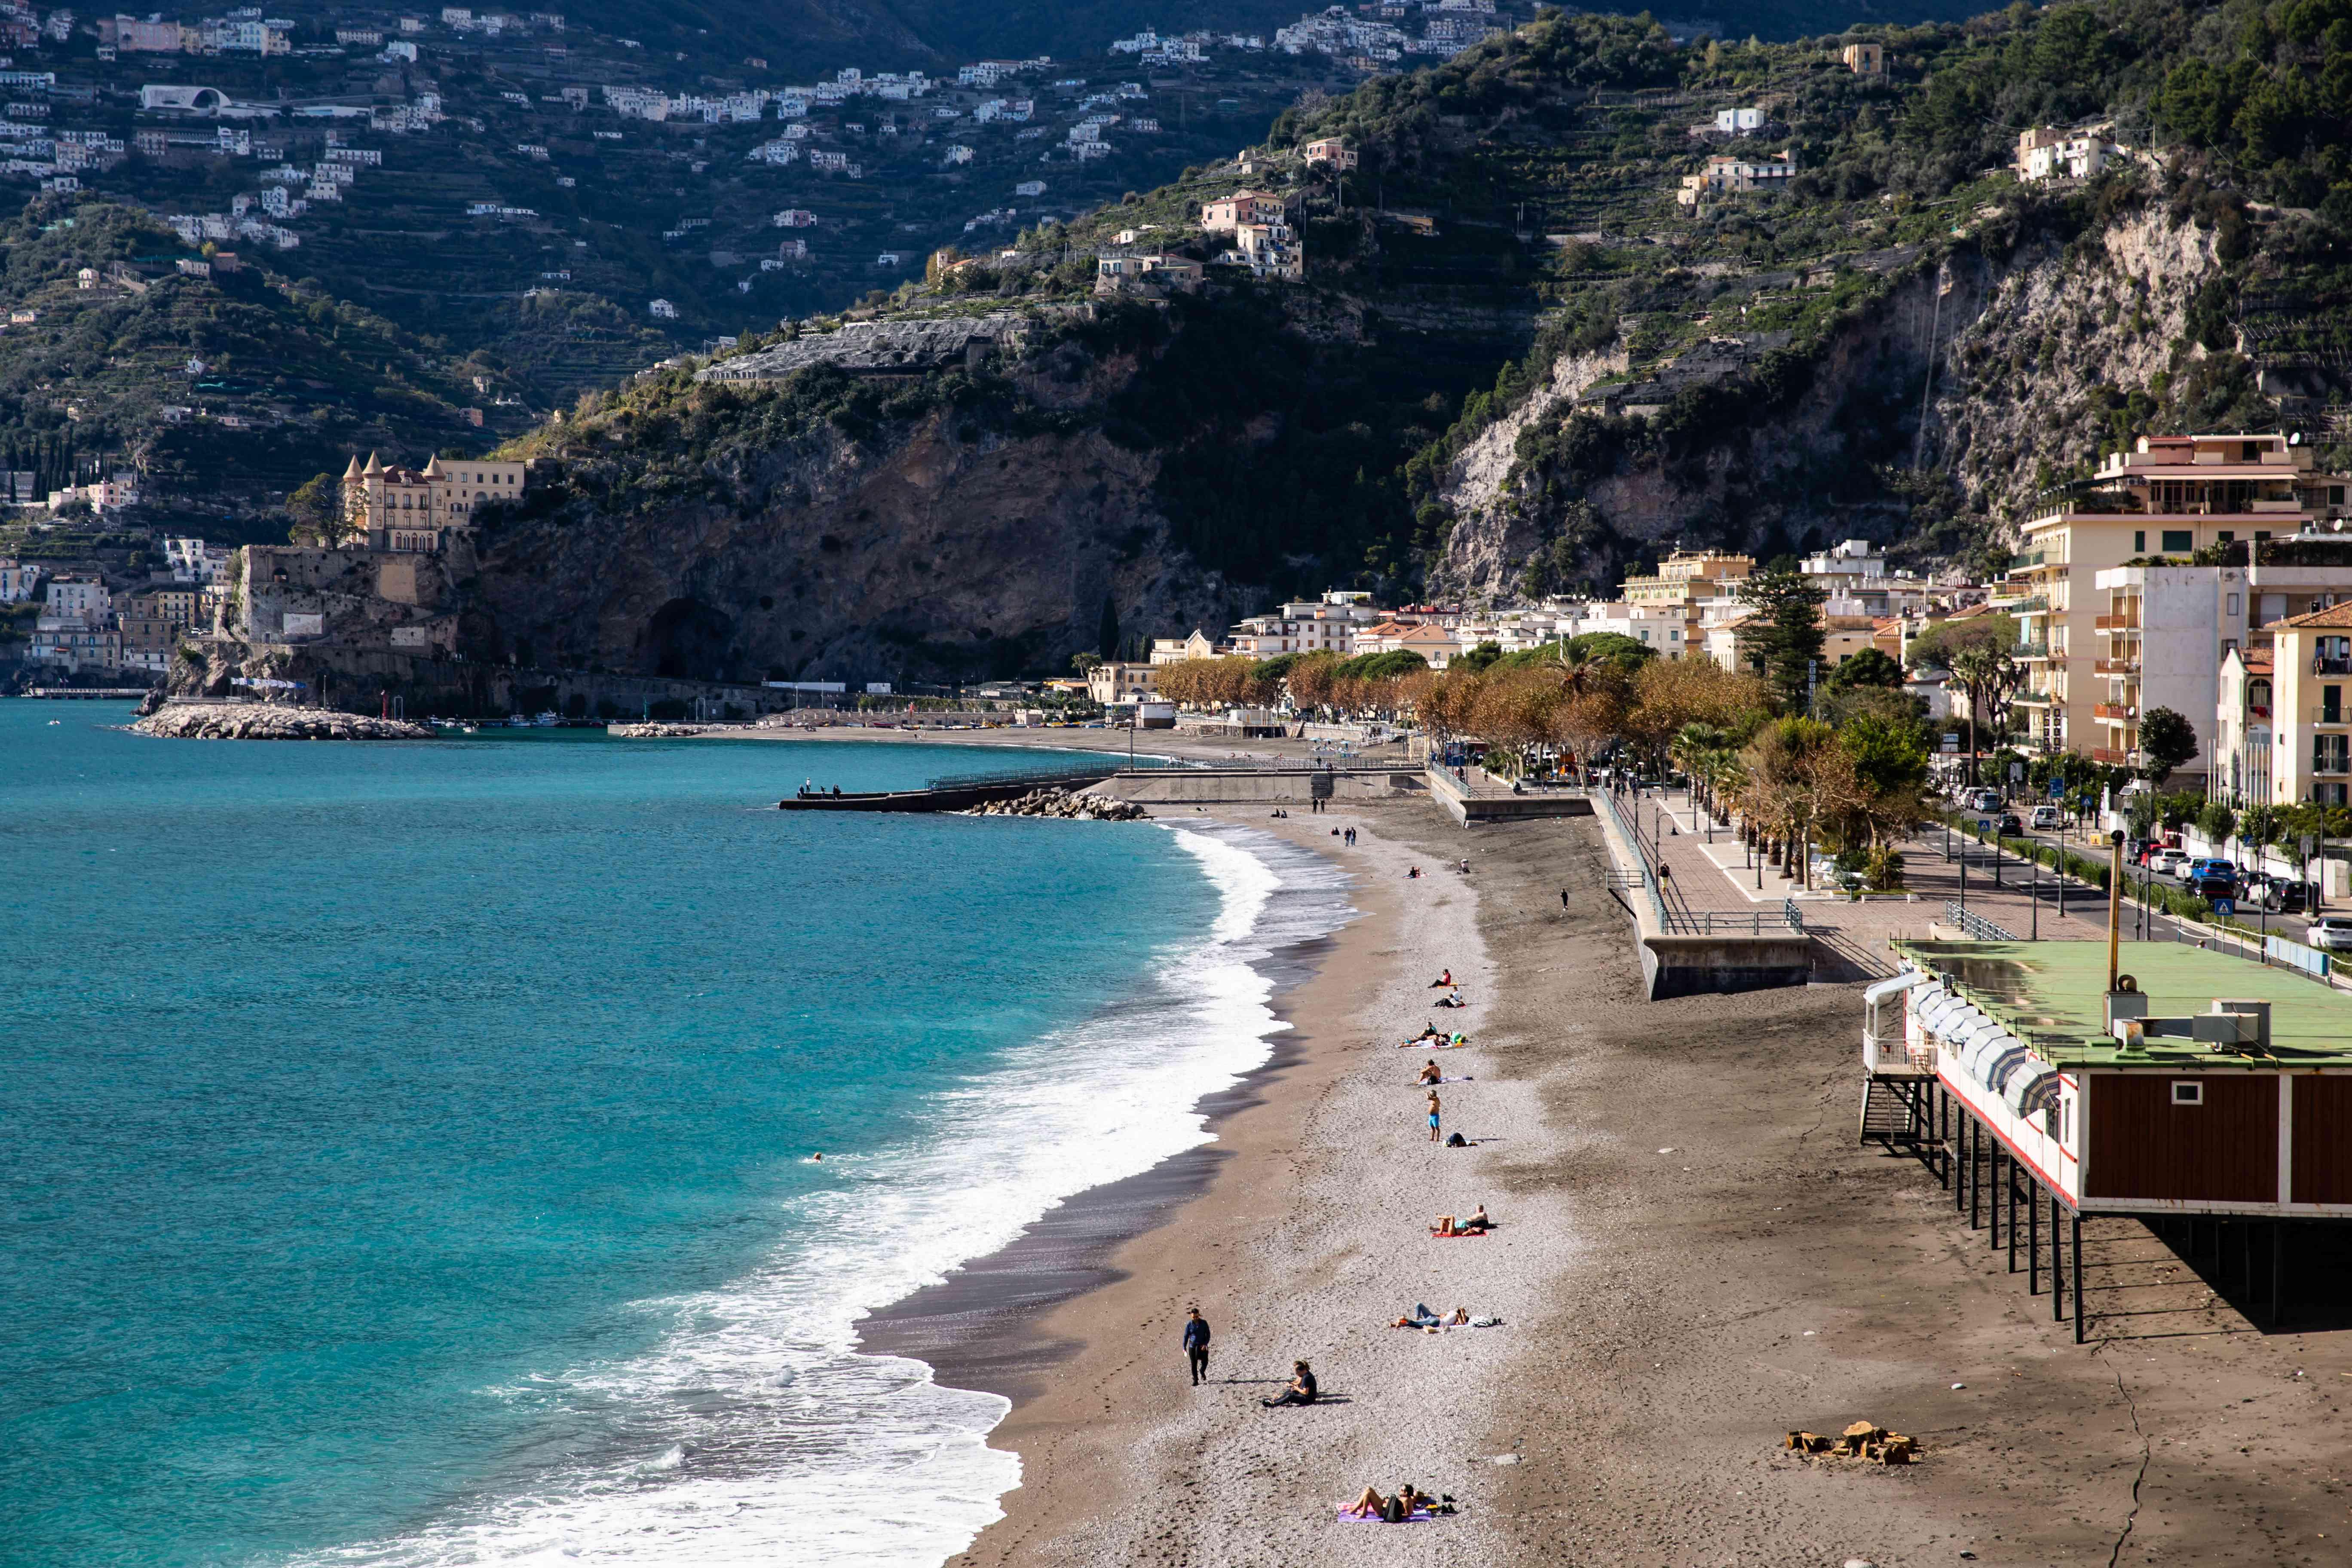 Maiori Beach, Amalfi Coast, Italy